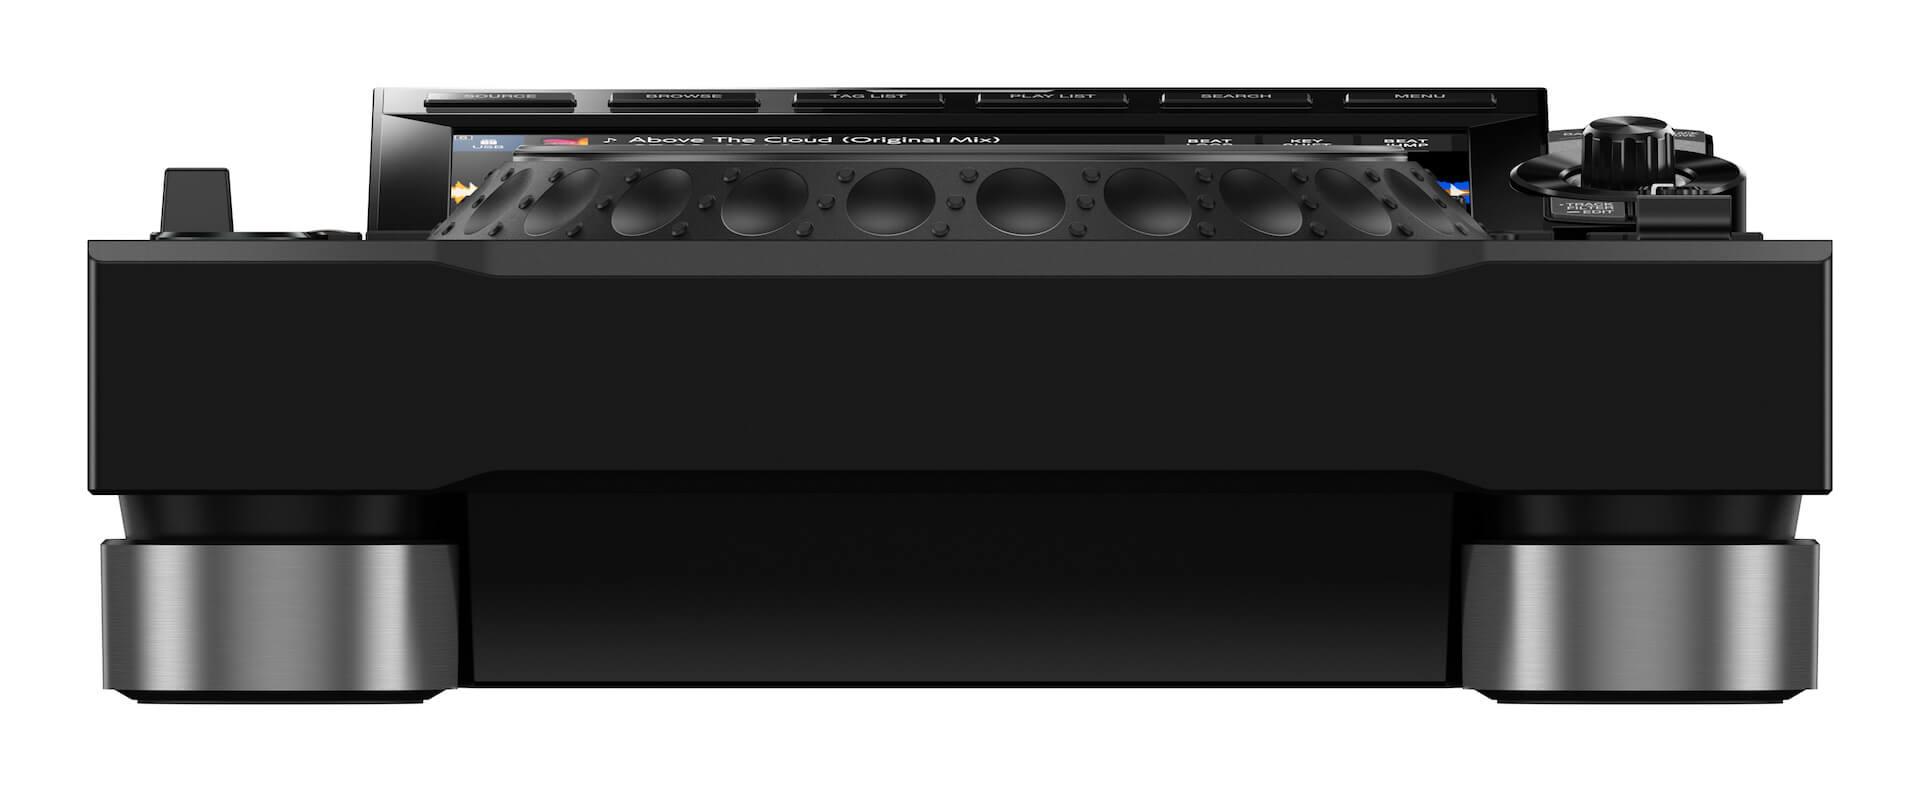 Pioneer DJからCDJシリーズ最新モデル「CDJ-3000」が登場!限定モデル「CDJ-3000-W」も tech200910_cdj_3000_2